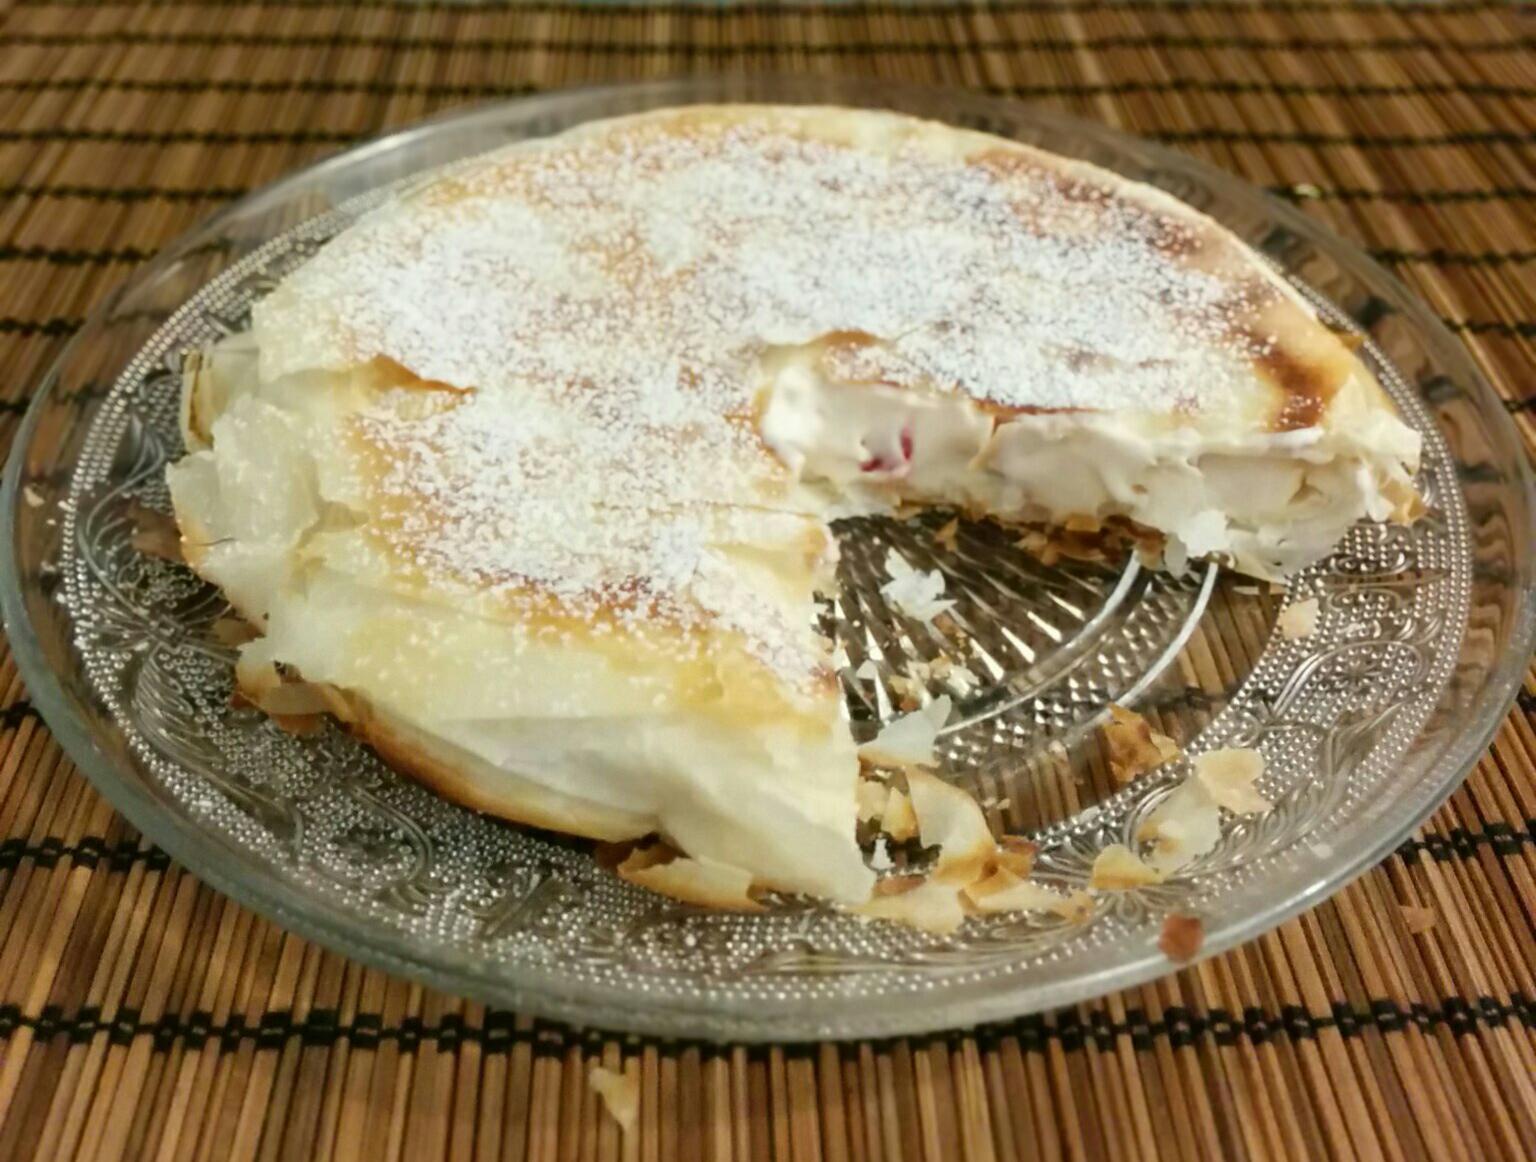 מאפה פילו במילוי גבינה וחמוציות